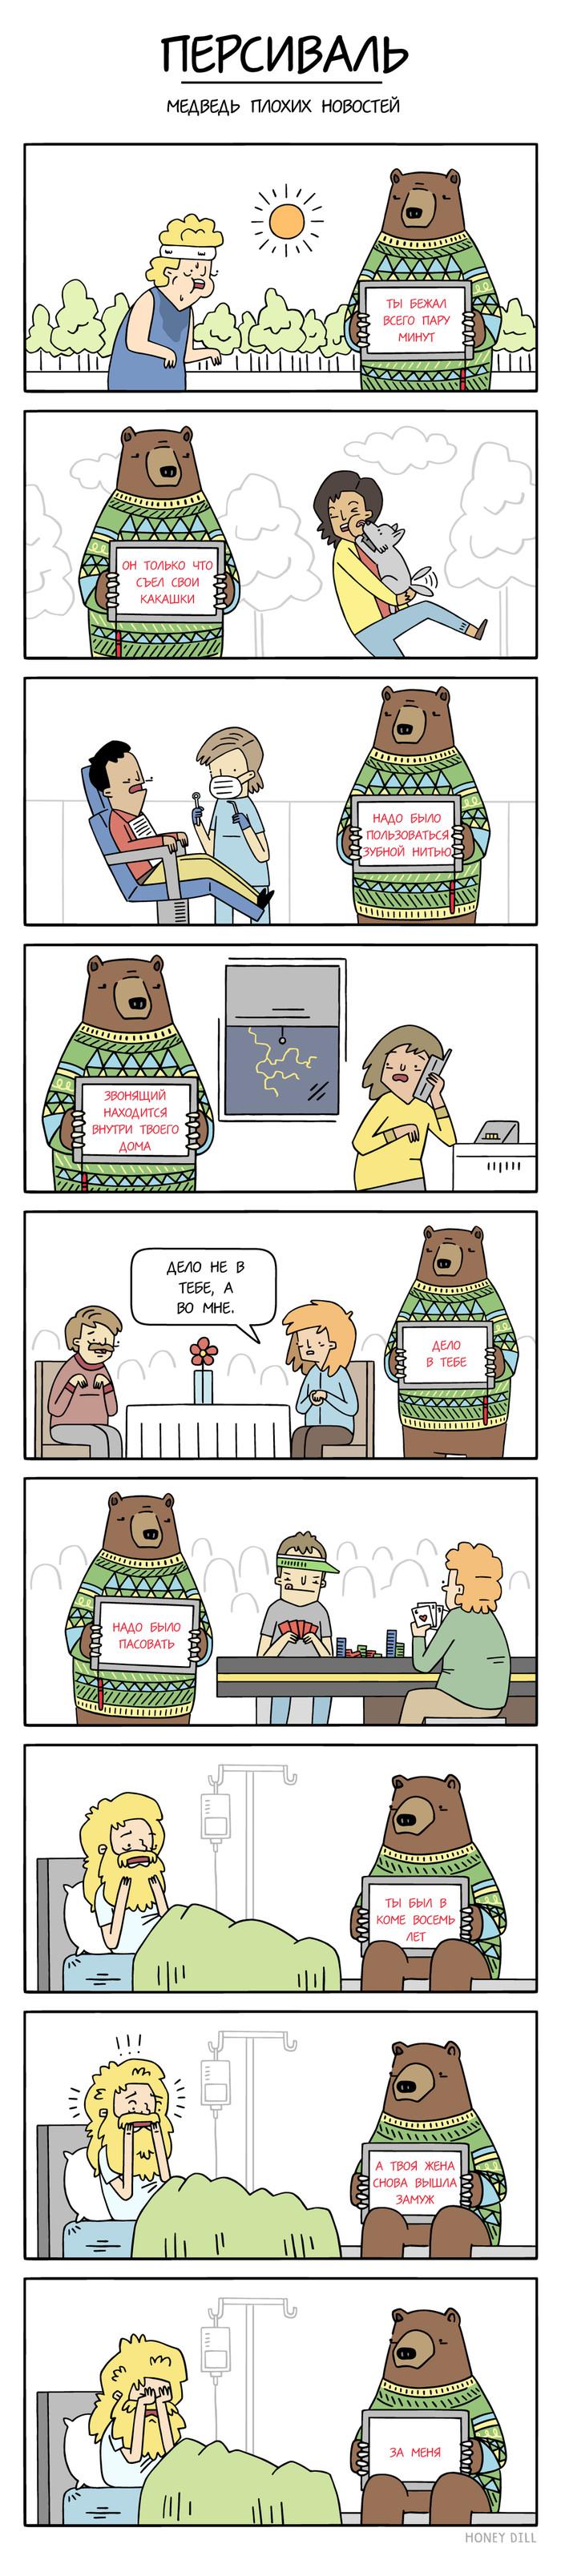 Медведь плохих новостей Honey Dill, Комиксы, Длиннопост